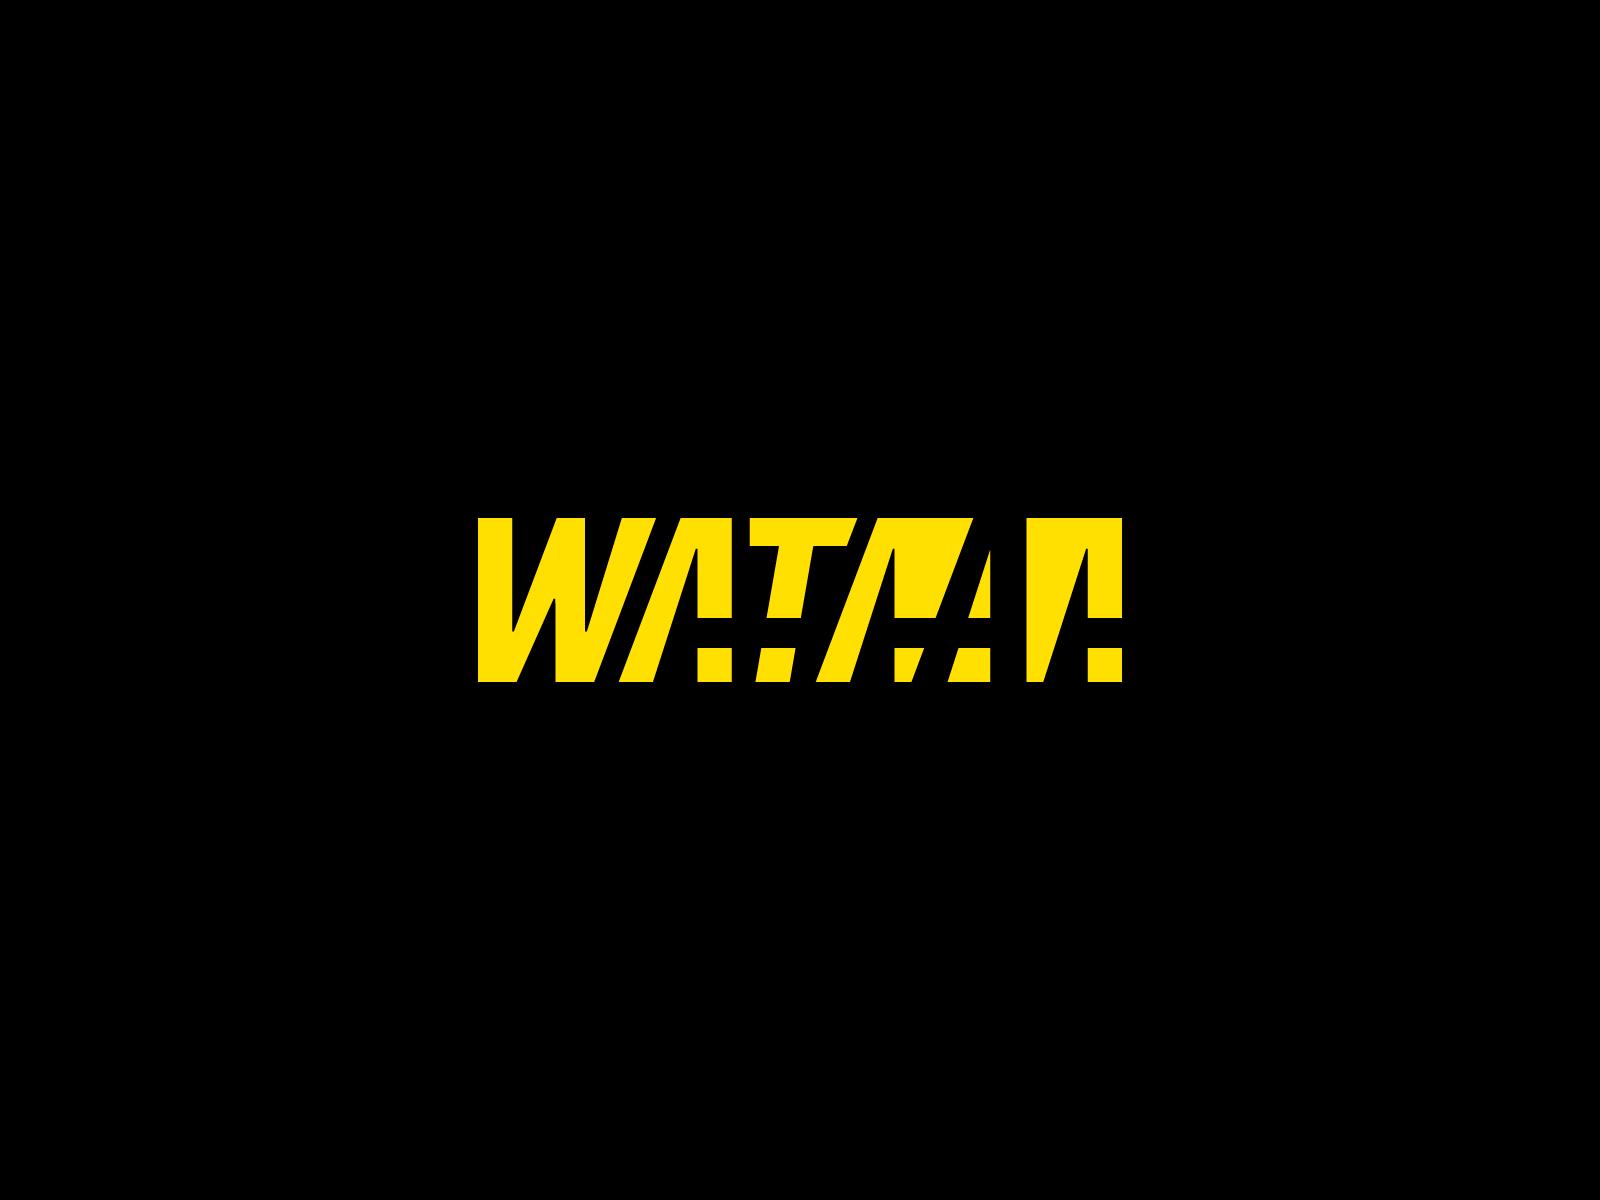 Wataaa 3